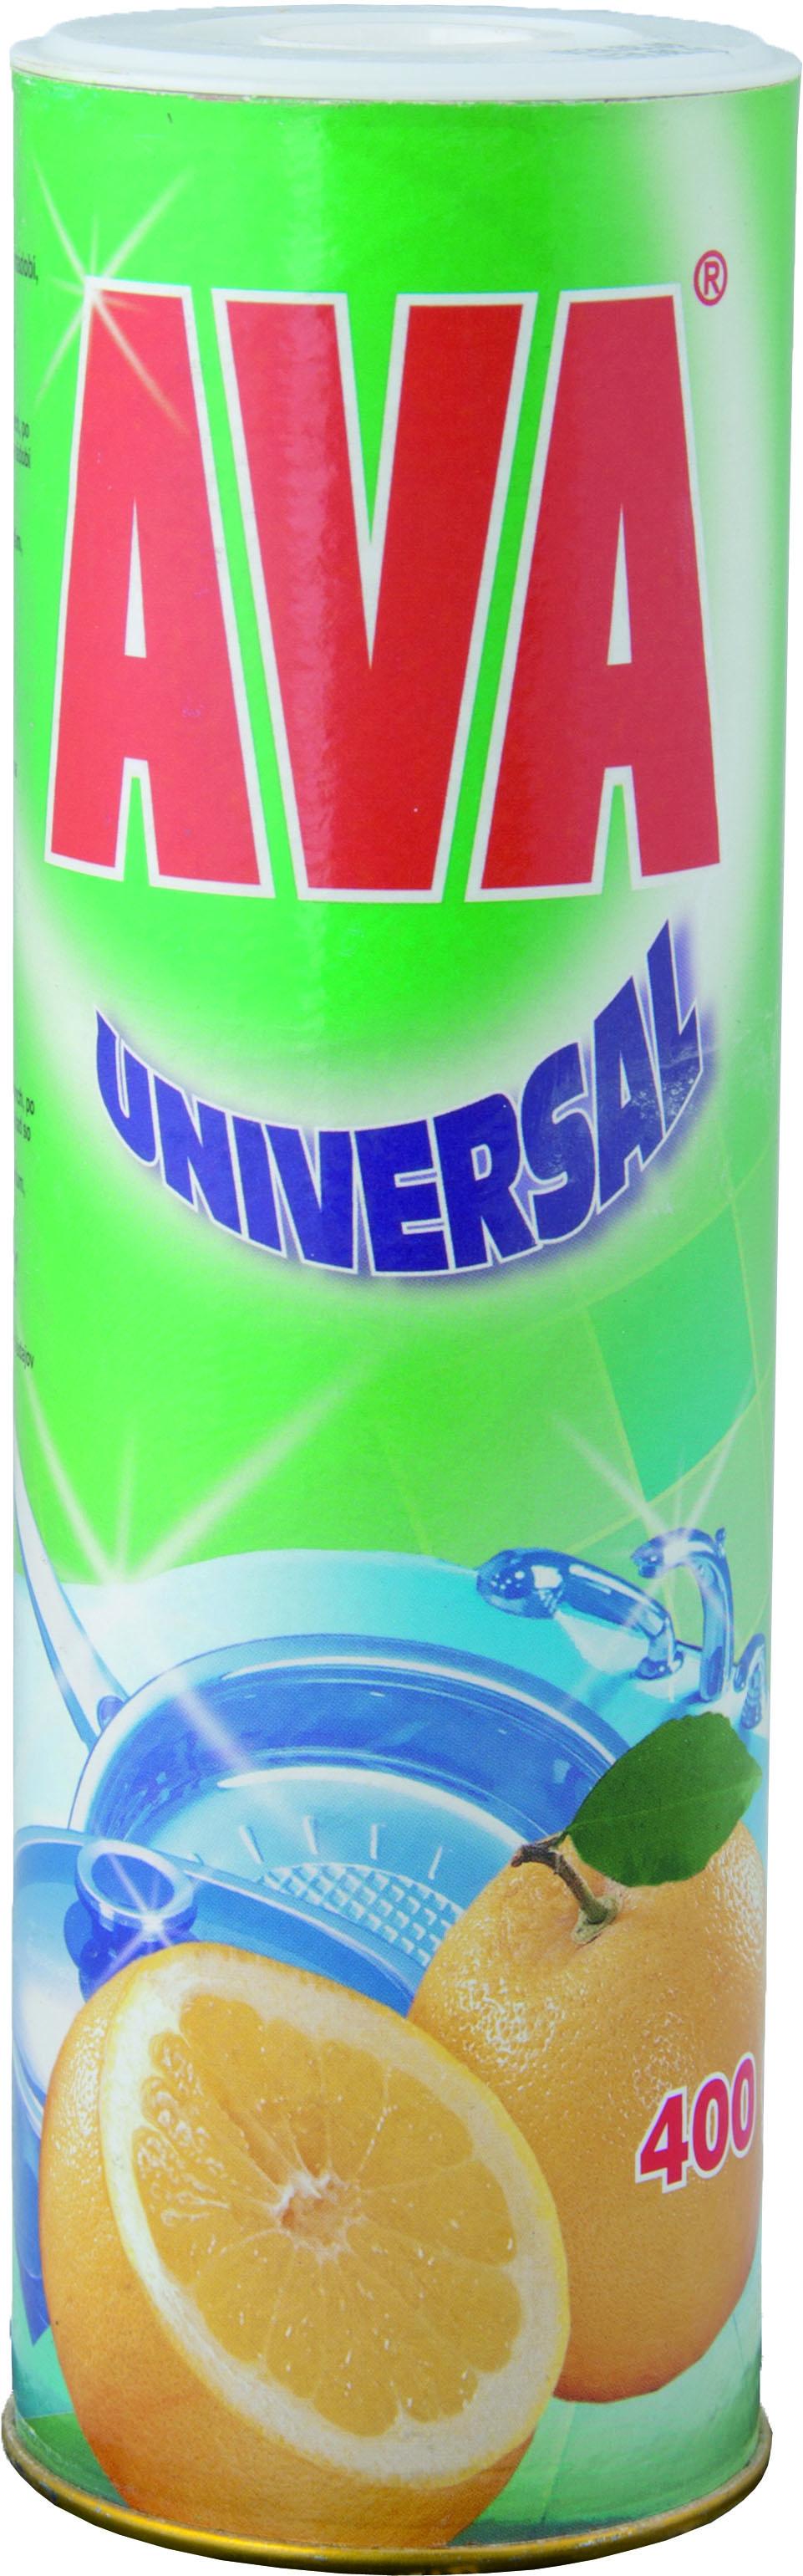 AVA Universal, 400g 400g